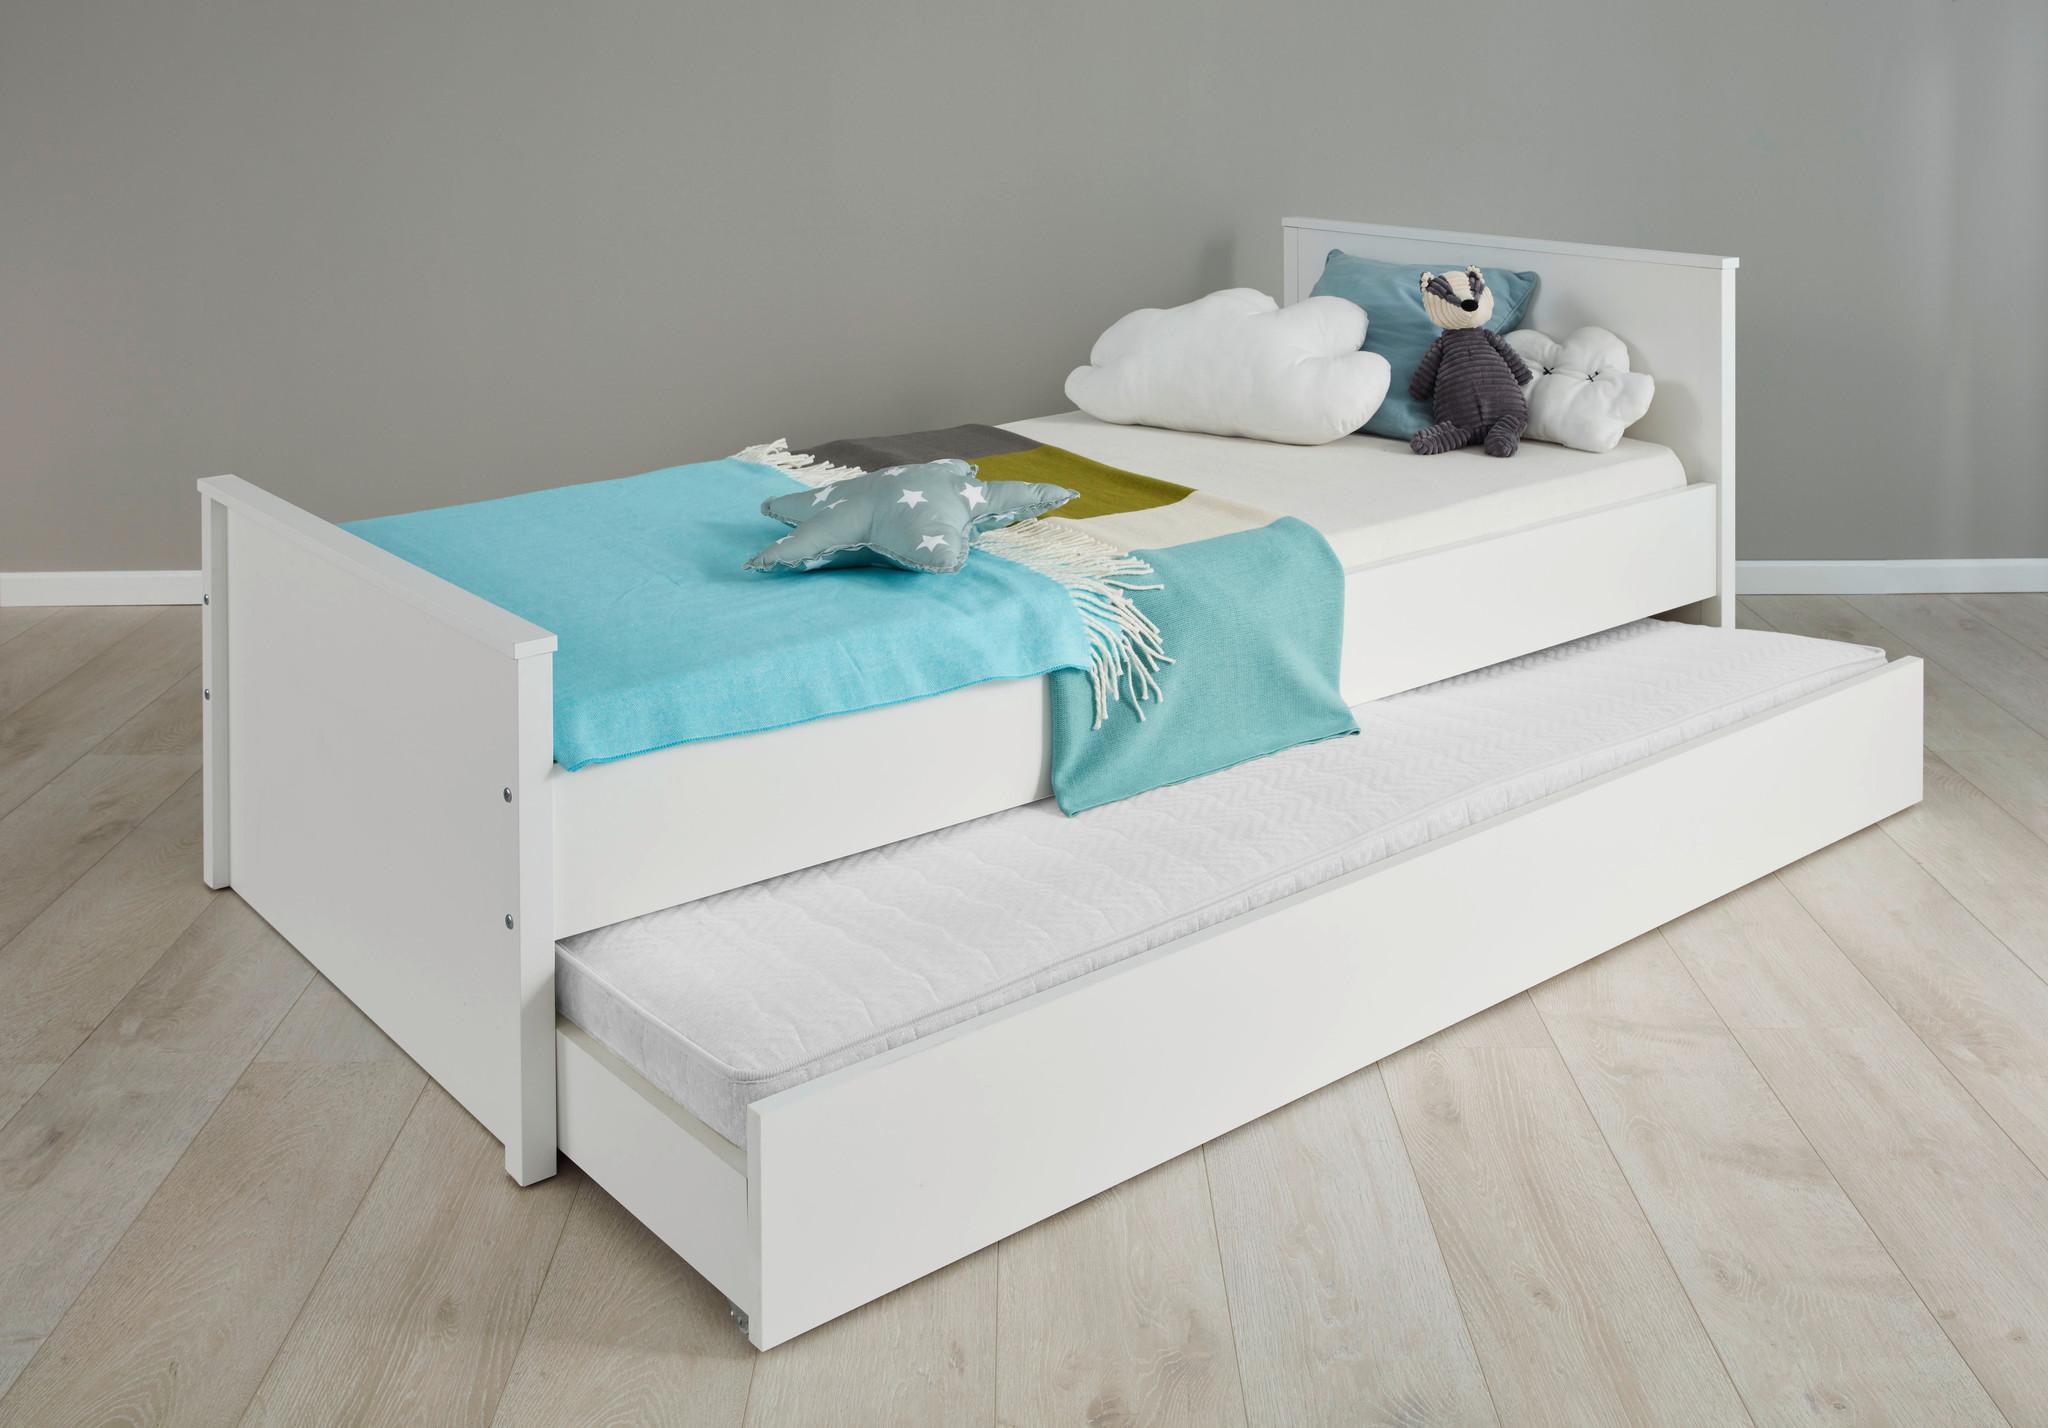 Uitgelezene Ory bed accessoire, opberglade met wielen voor onder bed, wit. WE-54